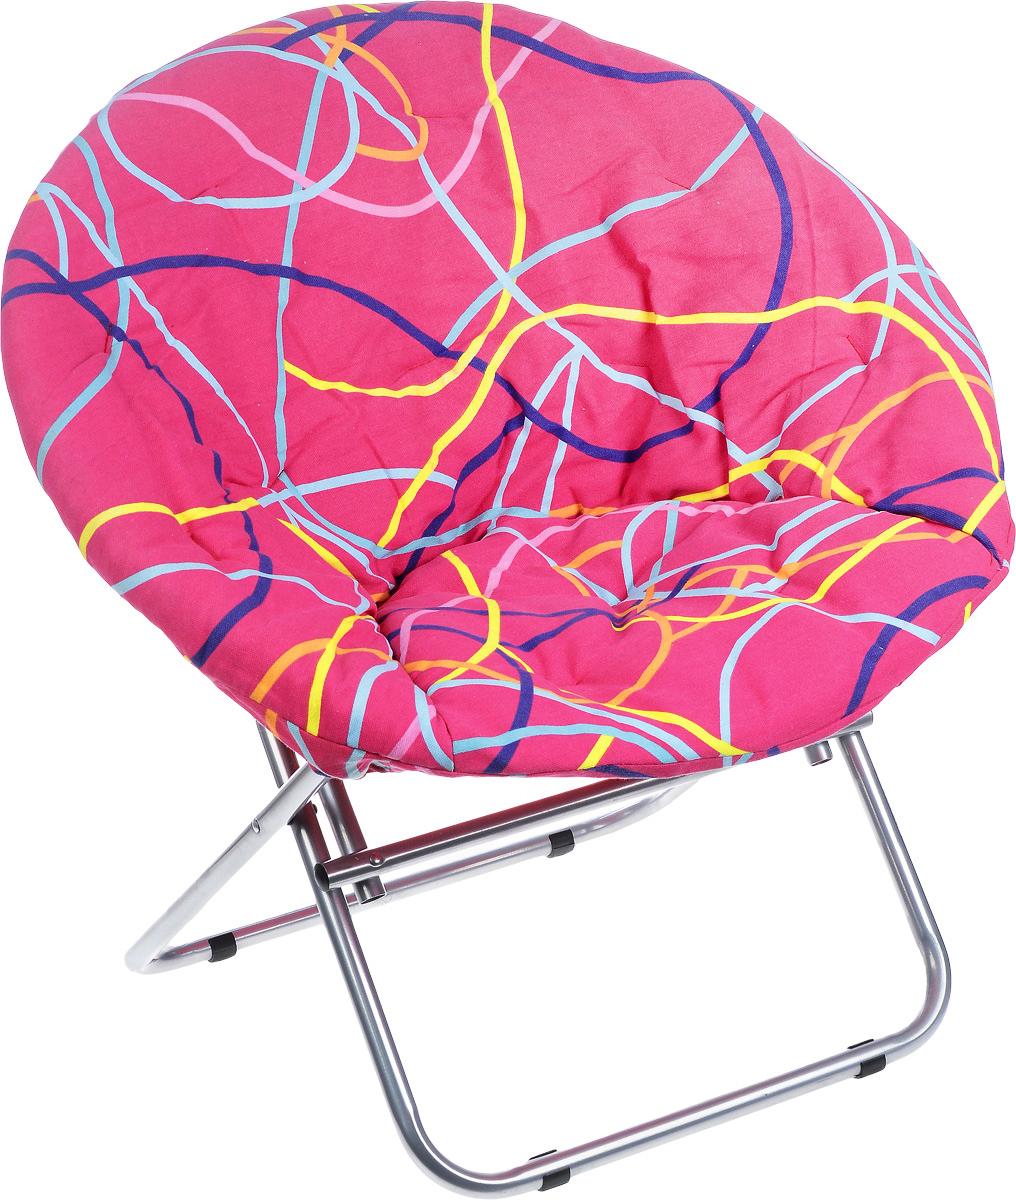 Кресло садовое Wildman, со съемным чехлом, 77 х 64 х 80 см81-452Внешне кресло Wildman не отличается от обыкновенного кресла. На нем можно удобно расположиться в тени деревьев, отдохнуть в приятной прохладе летнего вечера. Каркас кресла выполнен из прочного металла, а чехол, который при необходимости можно снять, из текстиля.В использовании садовое кресло достойно самых лучших похвал. Его очень легко перенести в другое место. Во время летних праздников, пикников, семейных встреч садовое кресло решит проблемы с размещением гостей.